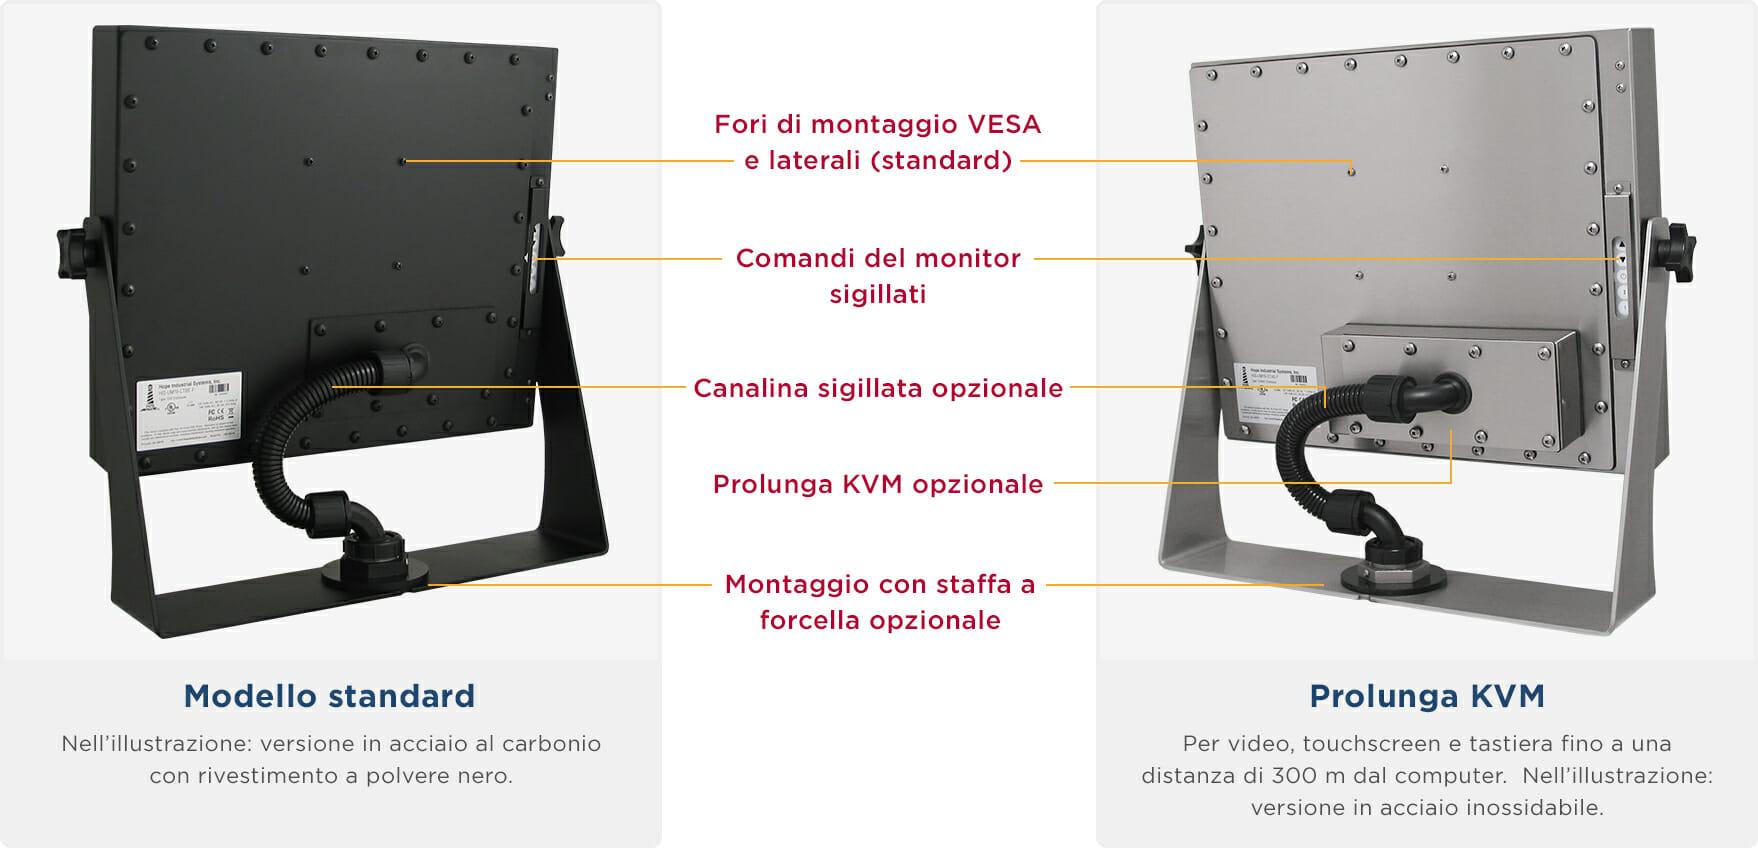 Vedute posteriori di monitor da 19'' con grado di protezione IP65/IP66 per montaggio universale che mostrano le caratteristiche e le opzioni degli enclosure industriali